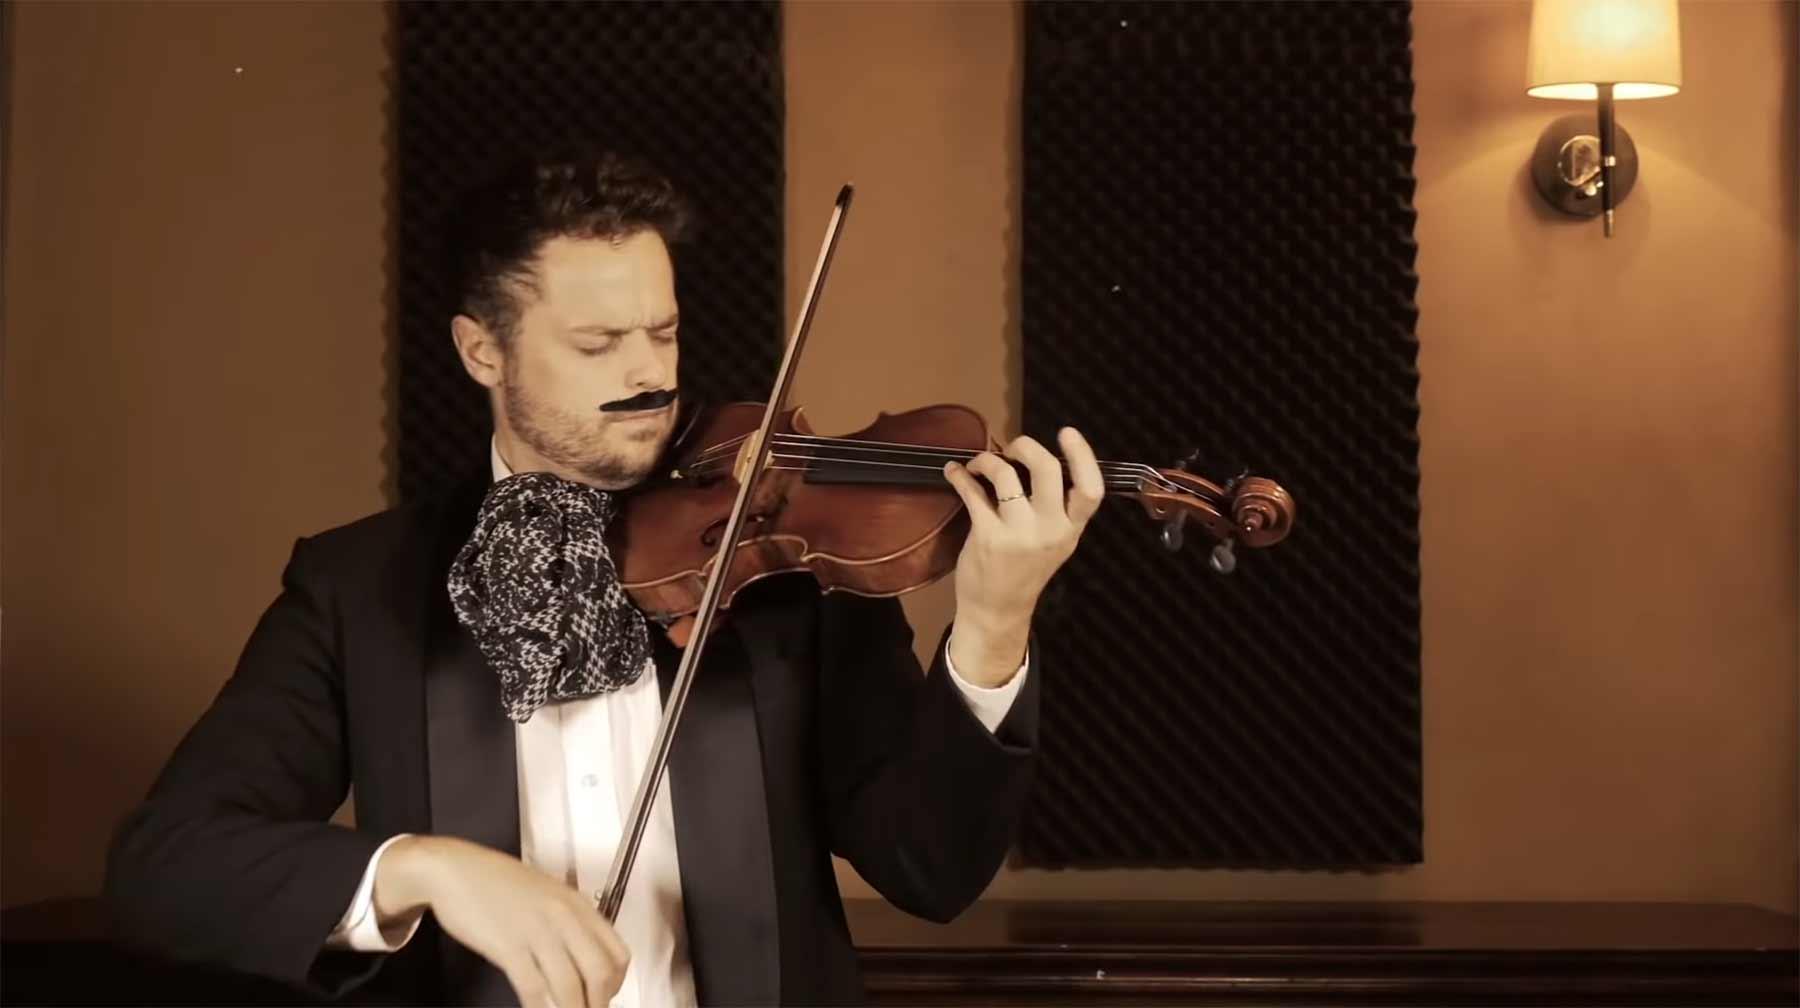 Filmmusik-Evolution auf der Violine evolution-filmmusik